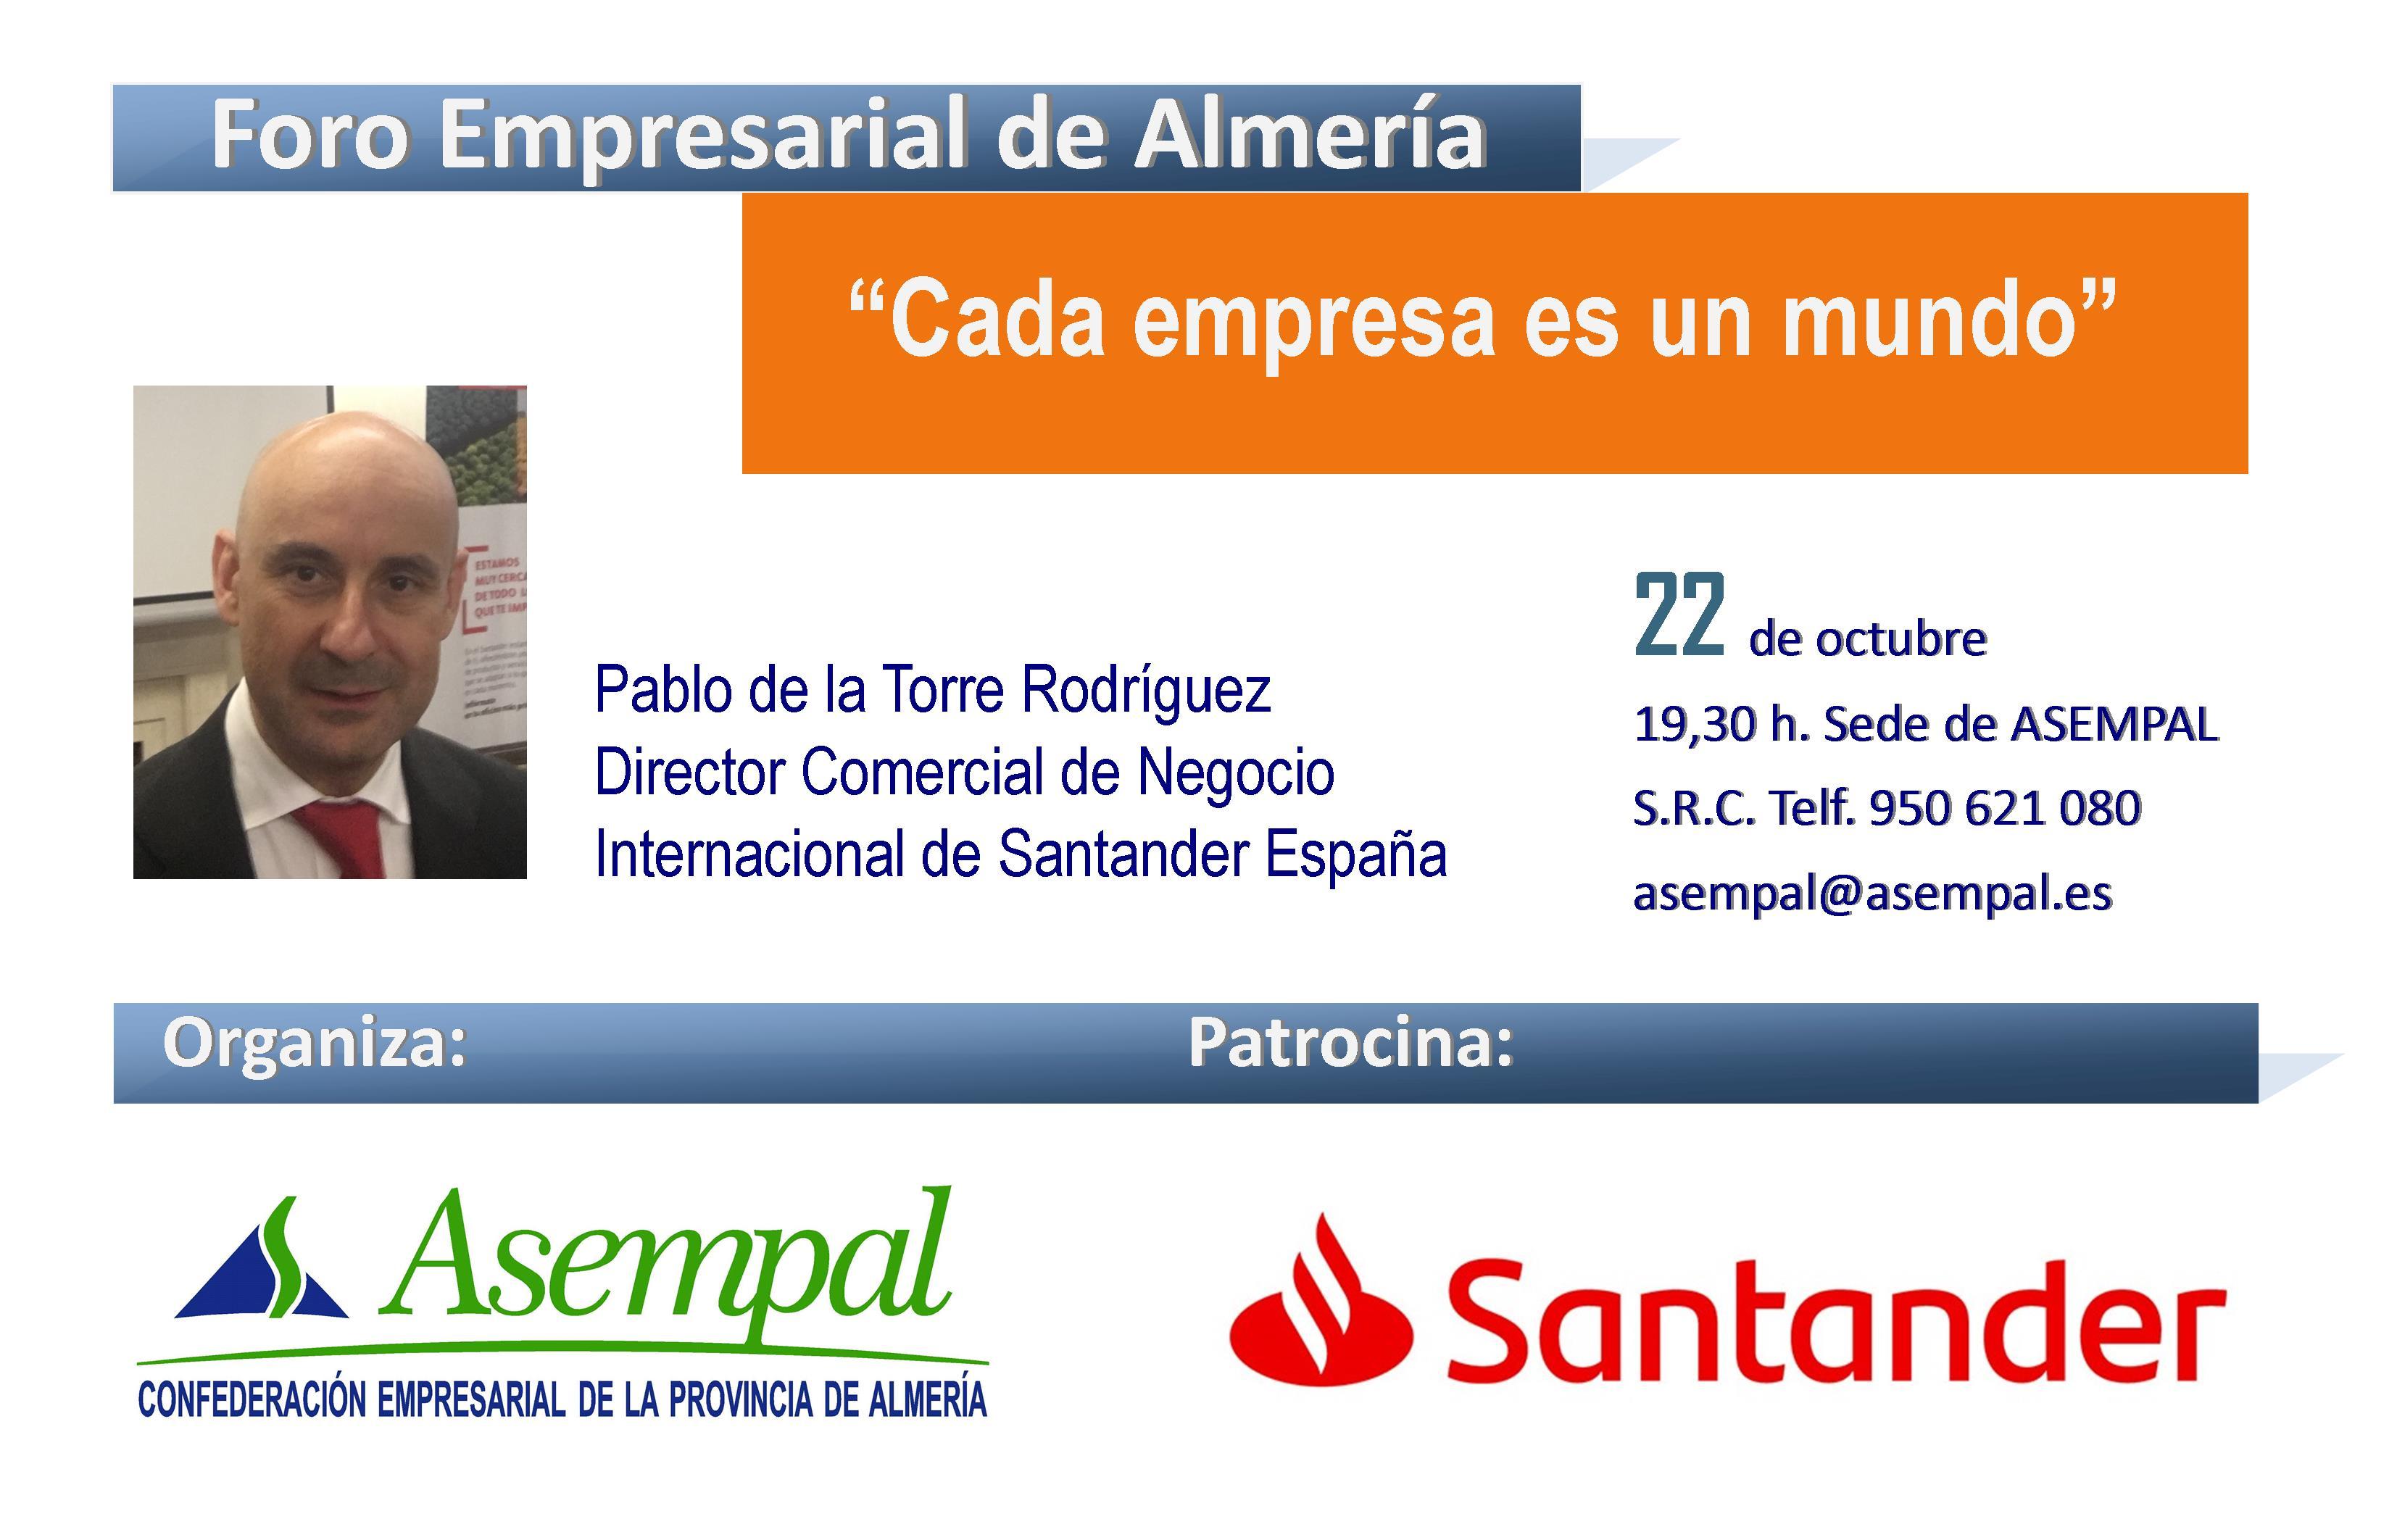 Foro Empresarial de Almería @ Sede Asempal | Almería | Andalucía | España